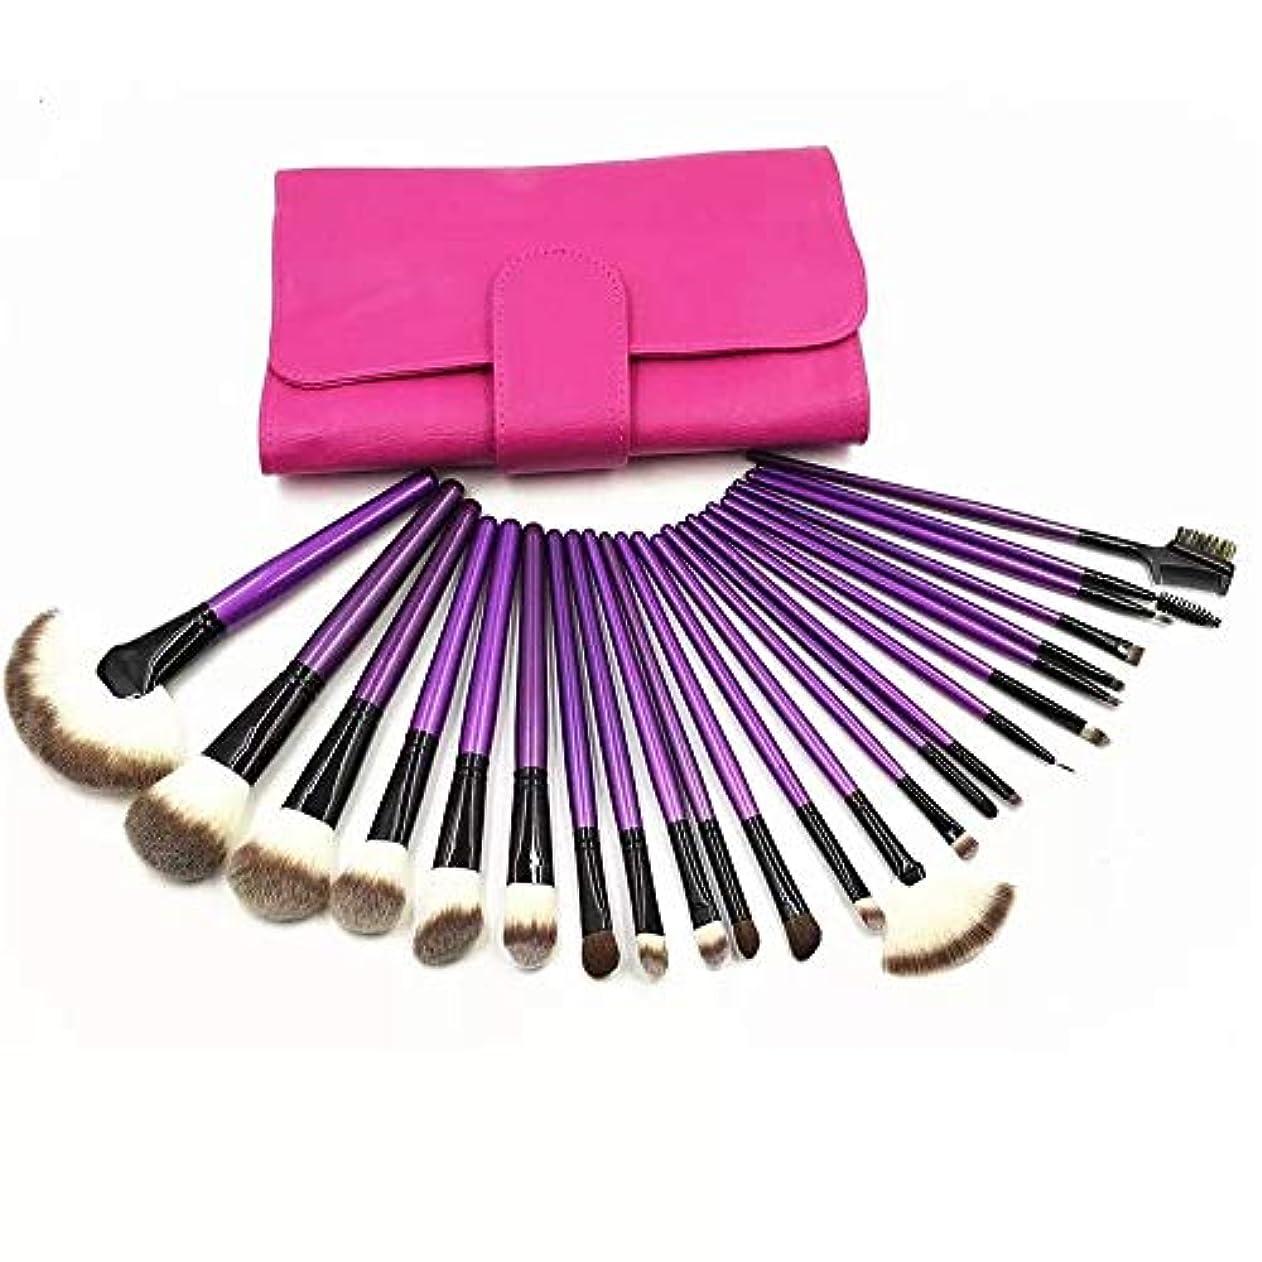 奨学金望まない便利Makeup brushes 多様性に富んだ完璧な使用、あなたの必要性を許すために保護袖が付いている24の専門の構造のブラシの場所 suits (Color : Purple)